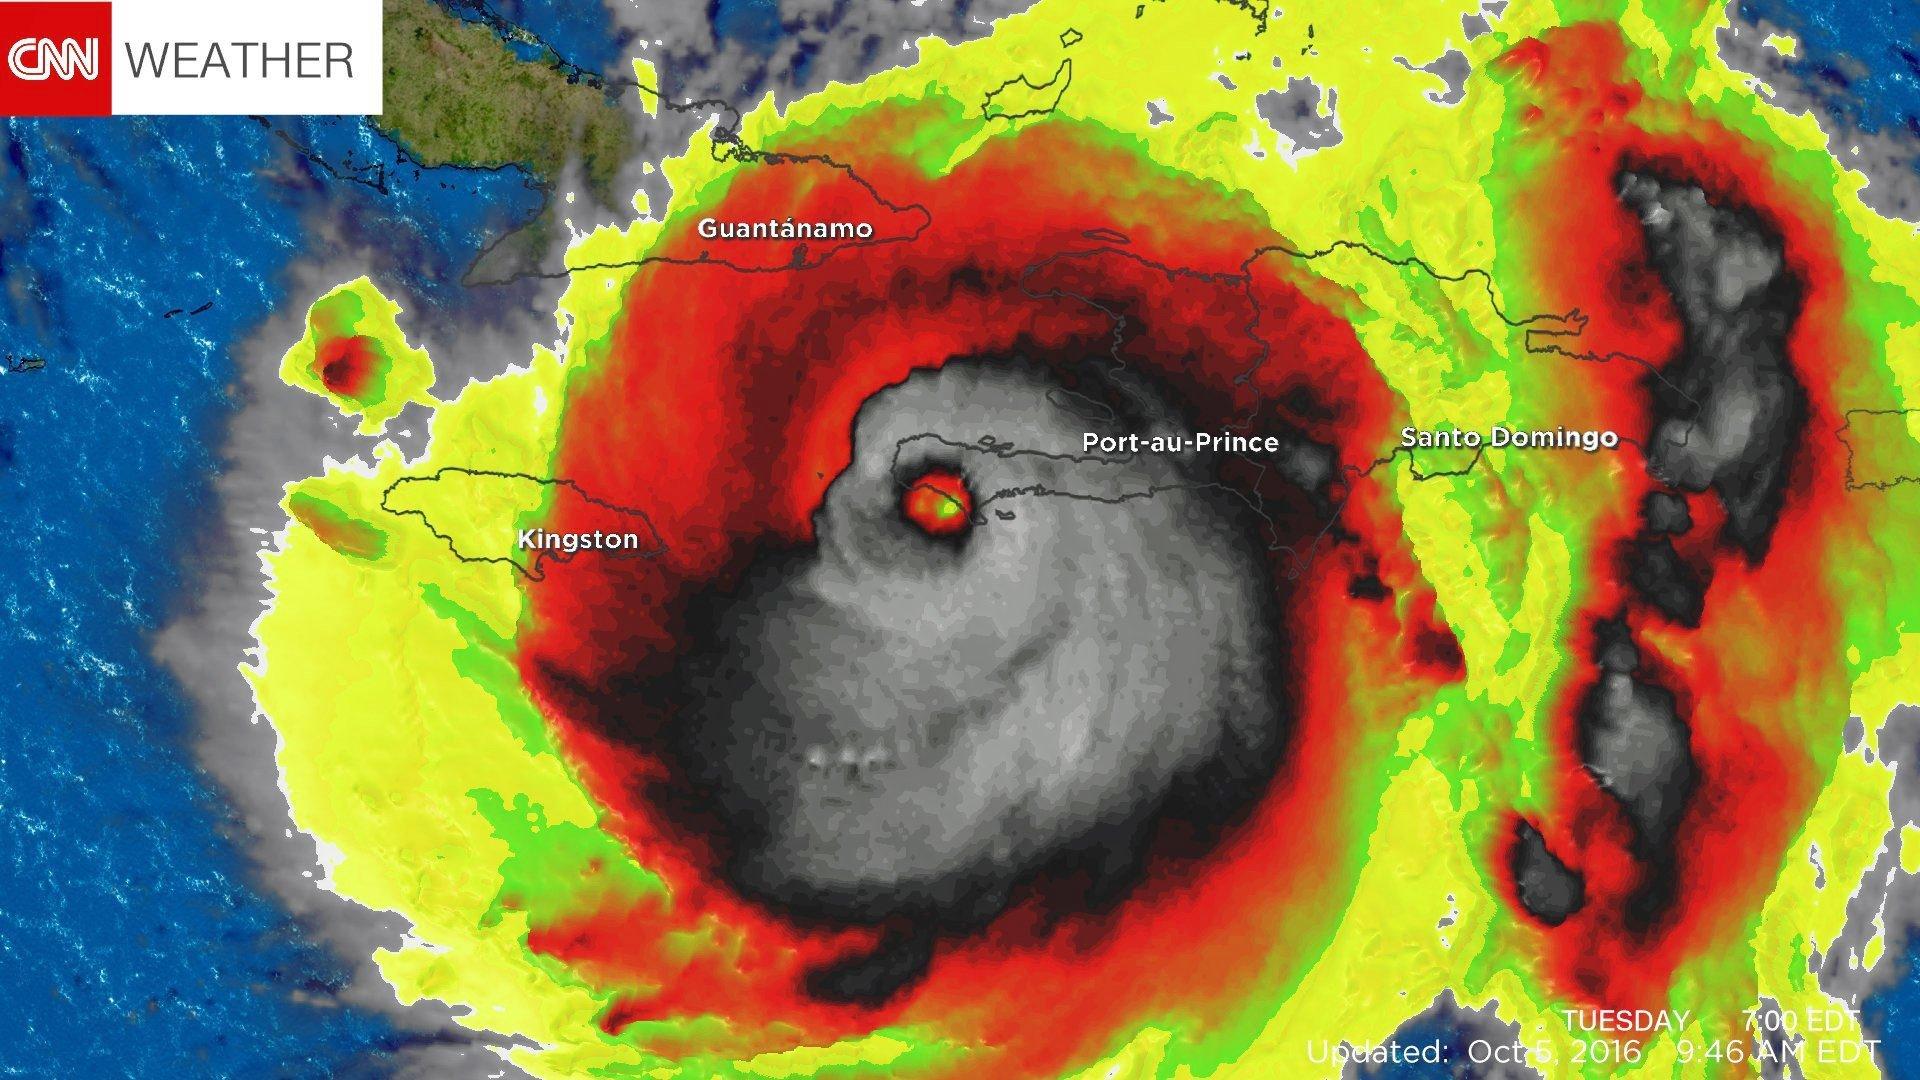 颶風馬修吹襲加勒比海地區時造成多人死亡,有衛星圖片顯示馬修外形如一具骷髏。(CNN圖片)